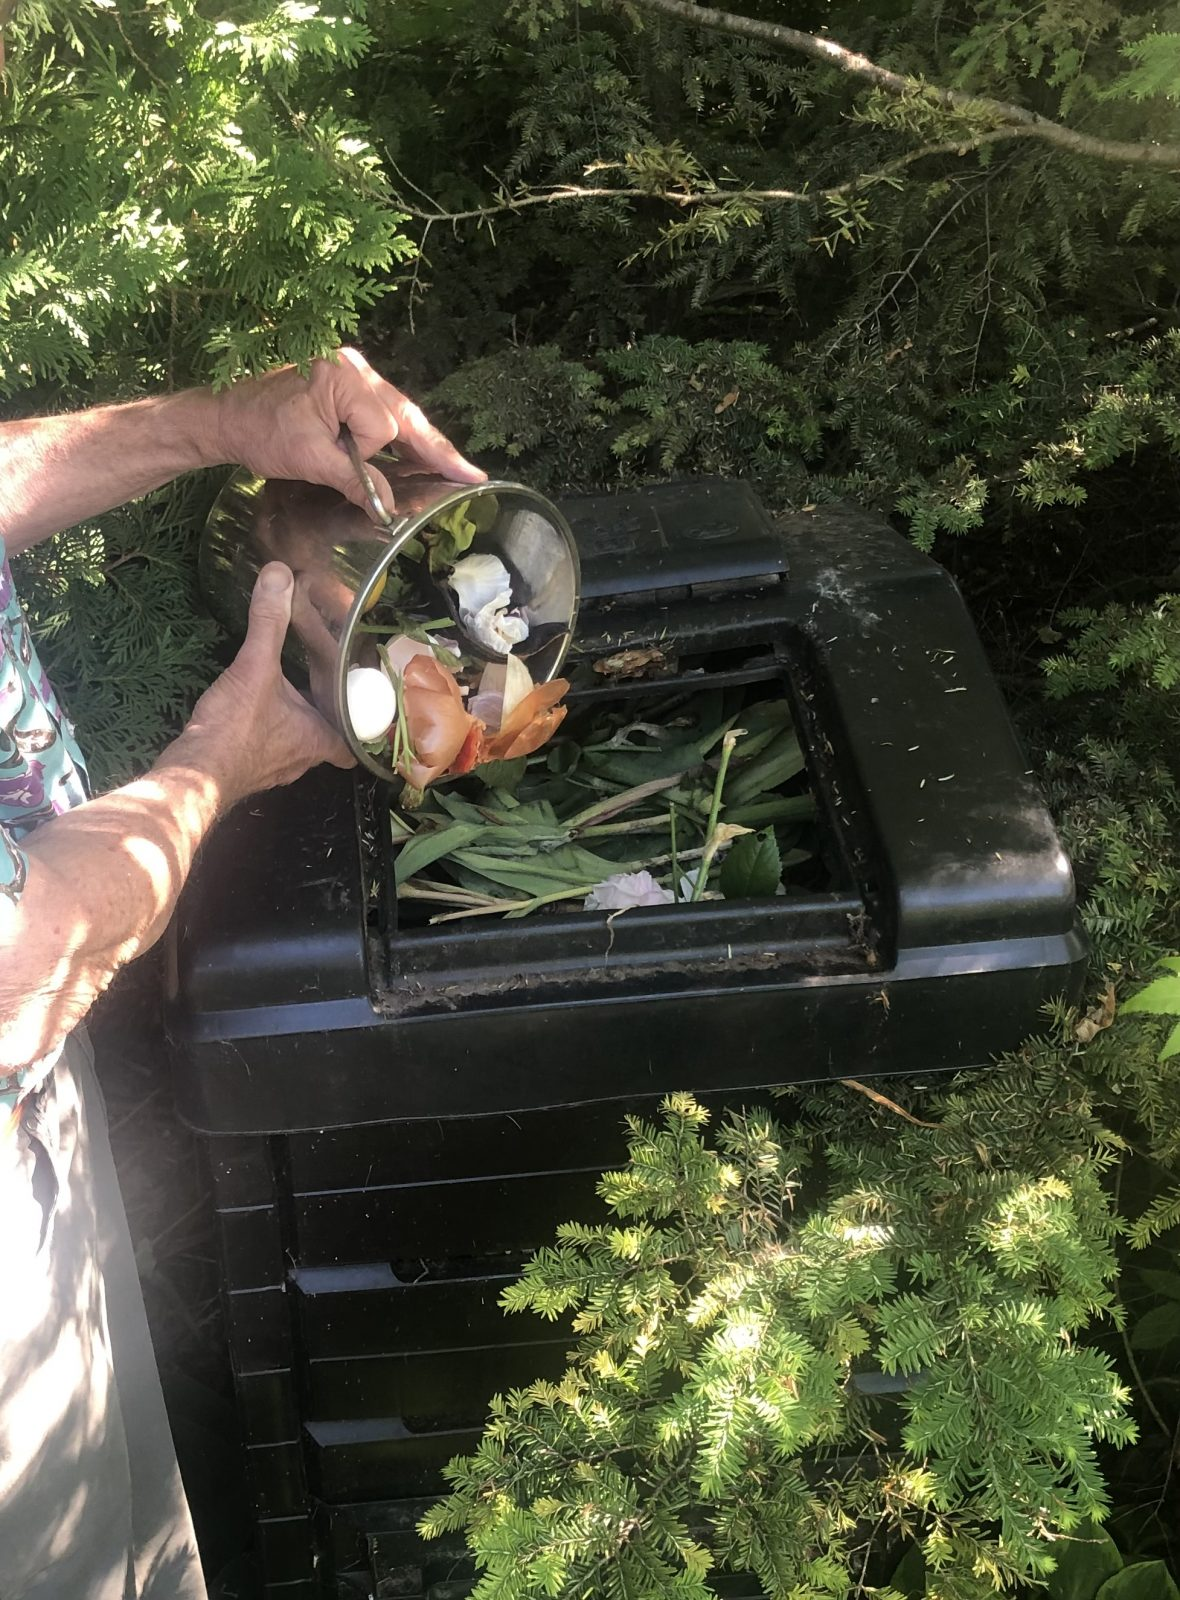 From Kitchen and Garden Waste to Gardening Gold